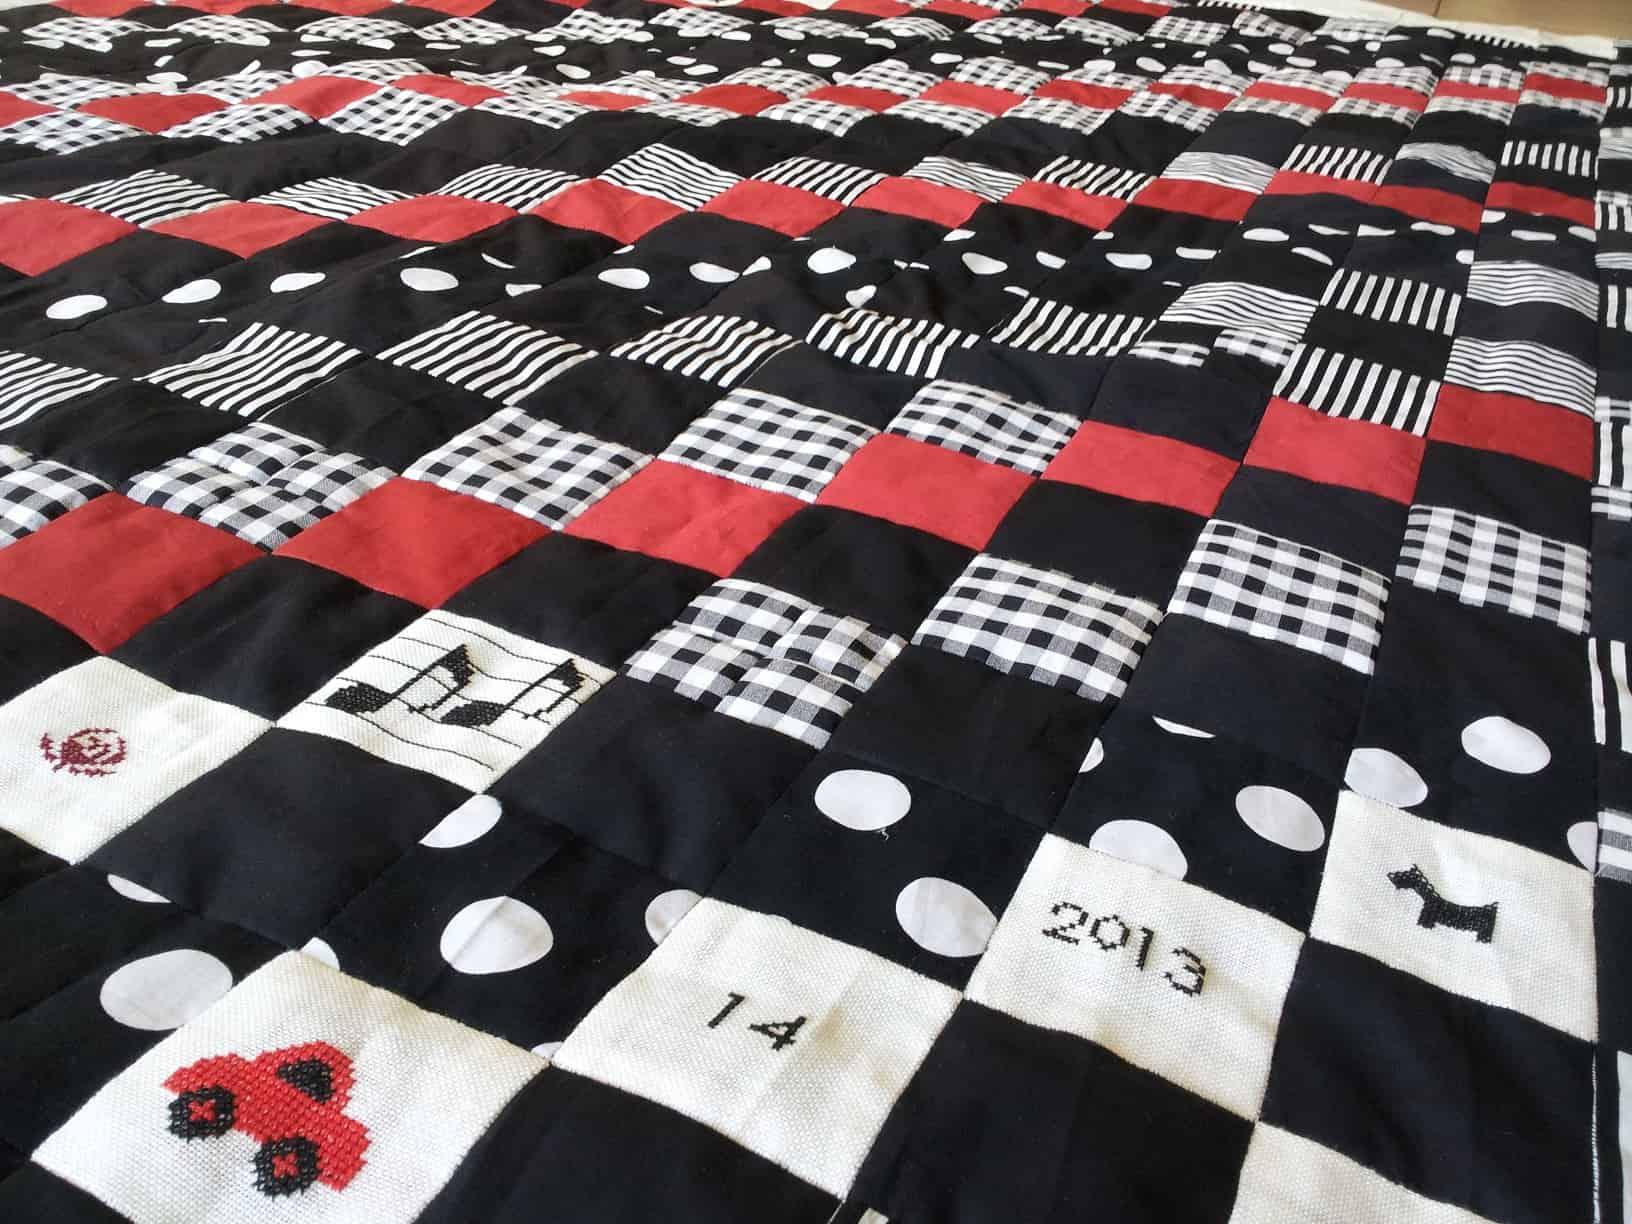 patchwork quilt maken met stap voor stap uitleg hobby ForQuilt Maken Met Naaimachine